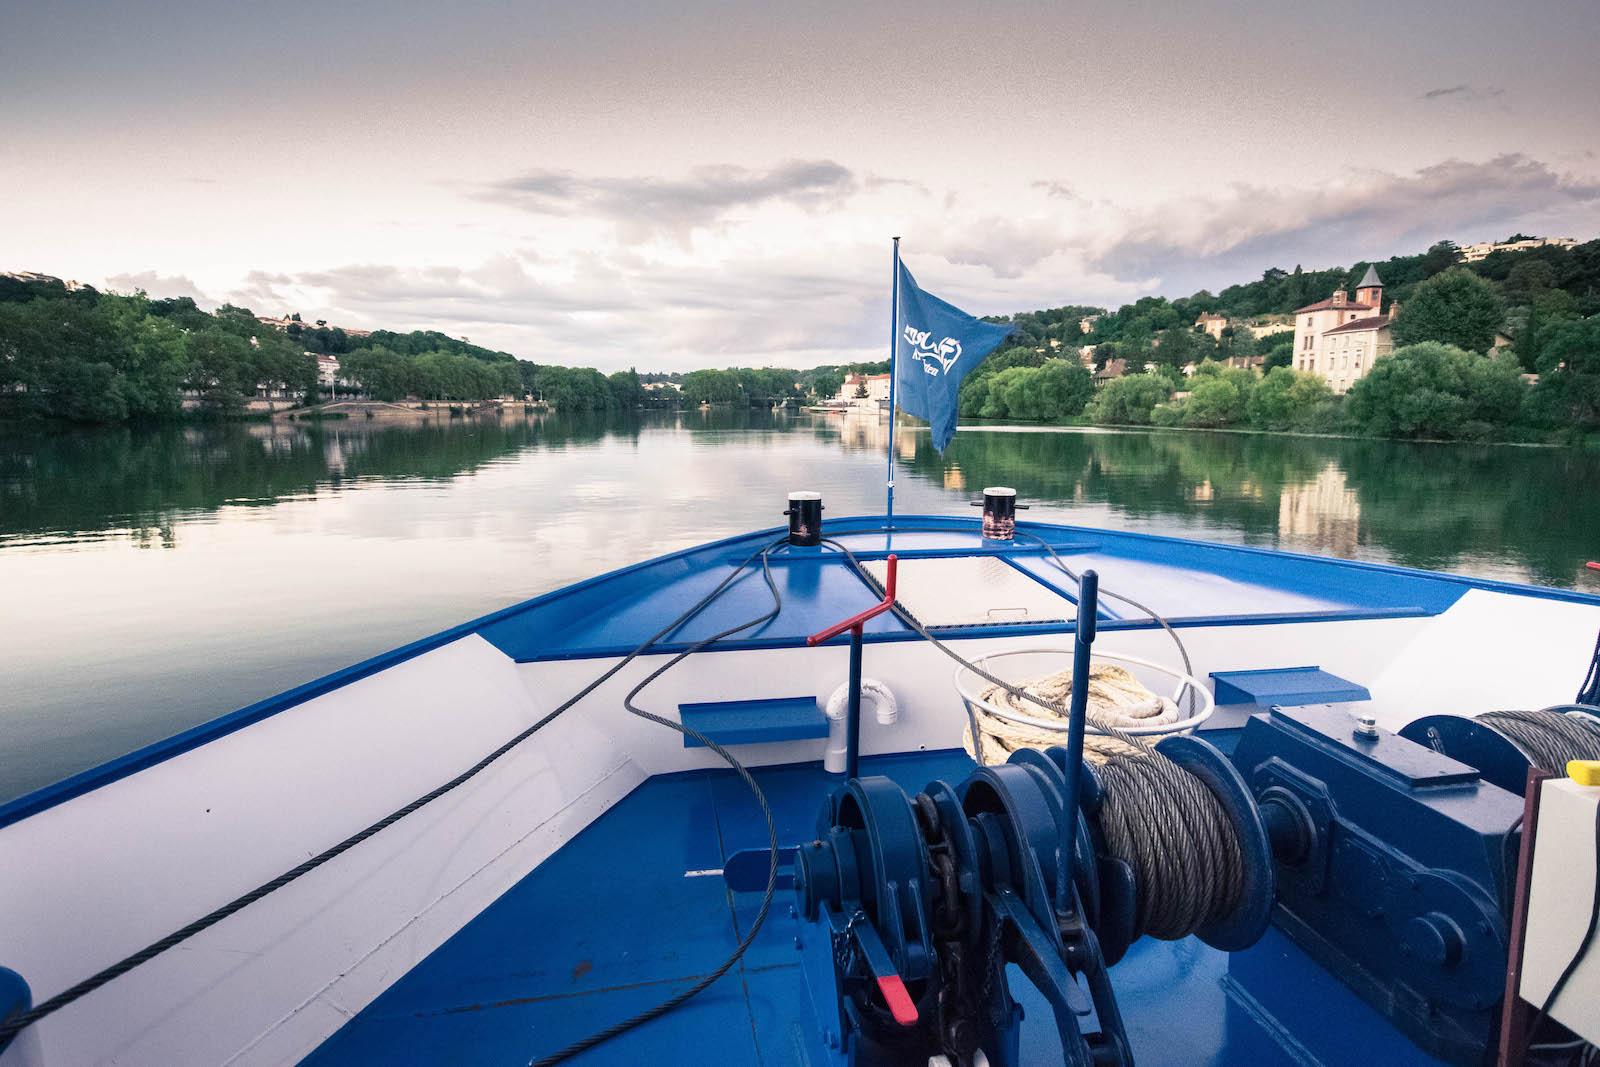 Flusskreuzfahrt-in-Suedfrankreich-2